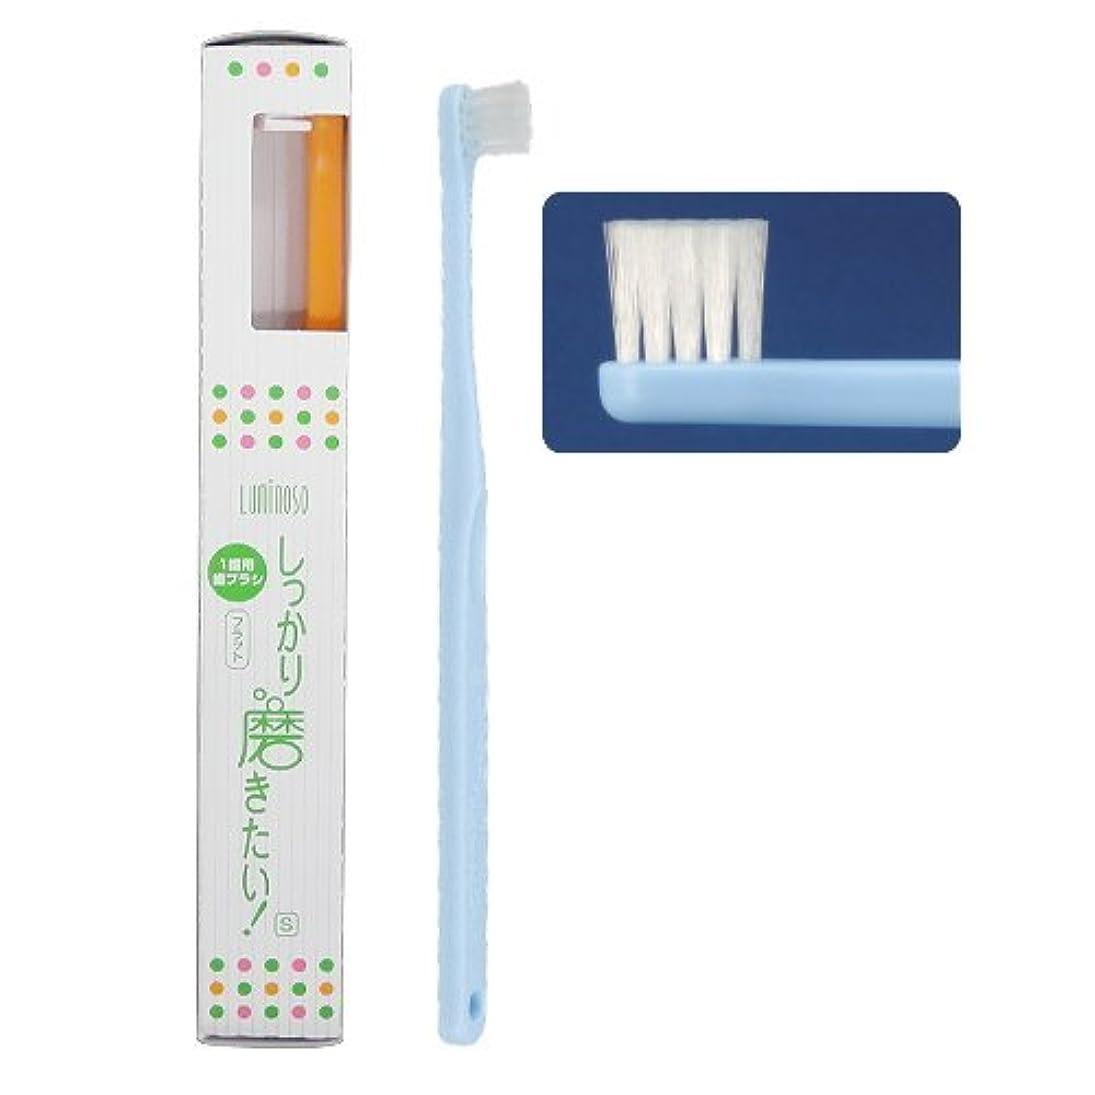 殺人遡る伝統的ルミノソ 1歯用歯ブラシ 「しっかり磨きたい!」 フラット ソフト (カラー指定不可) 5本